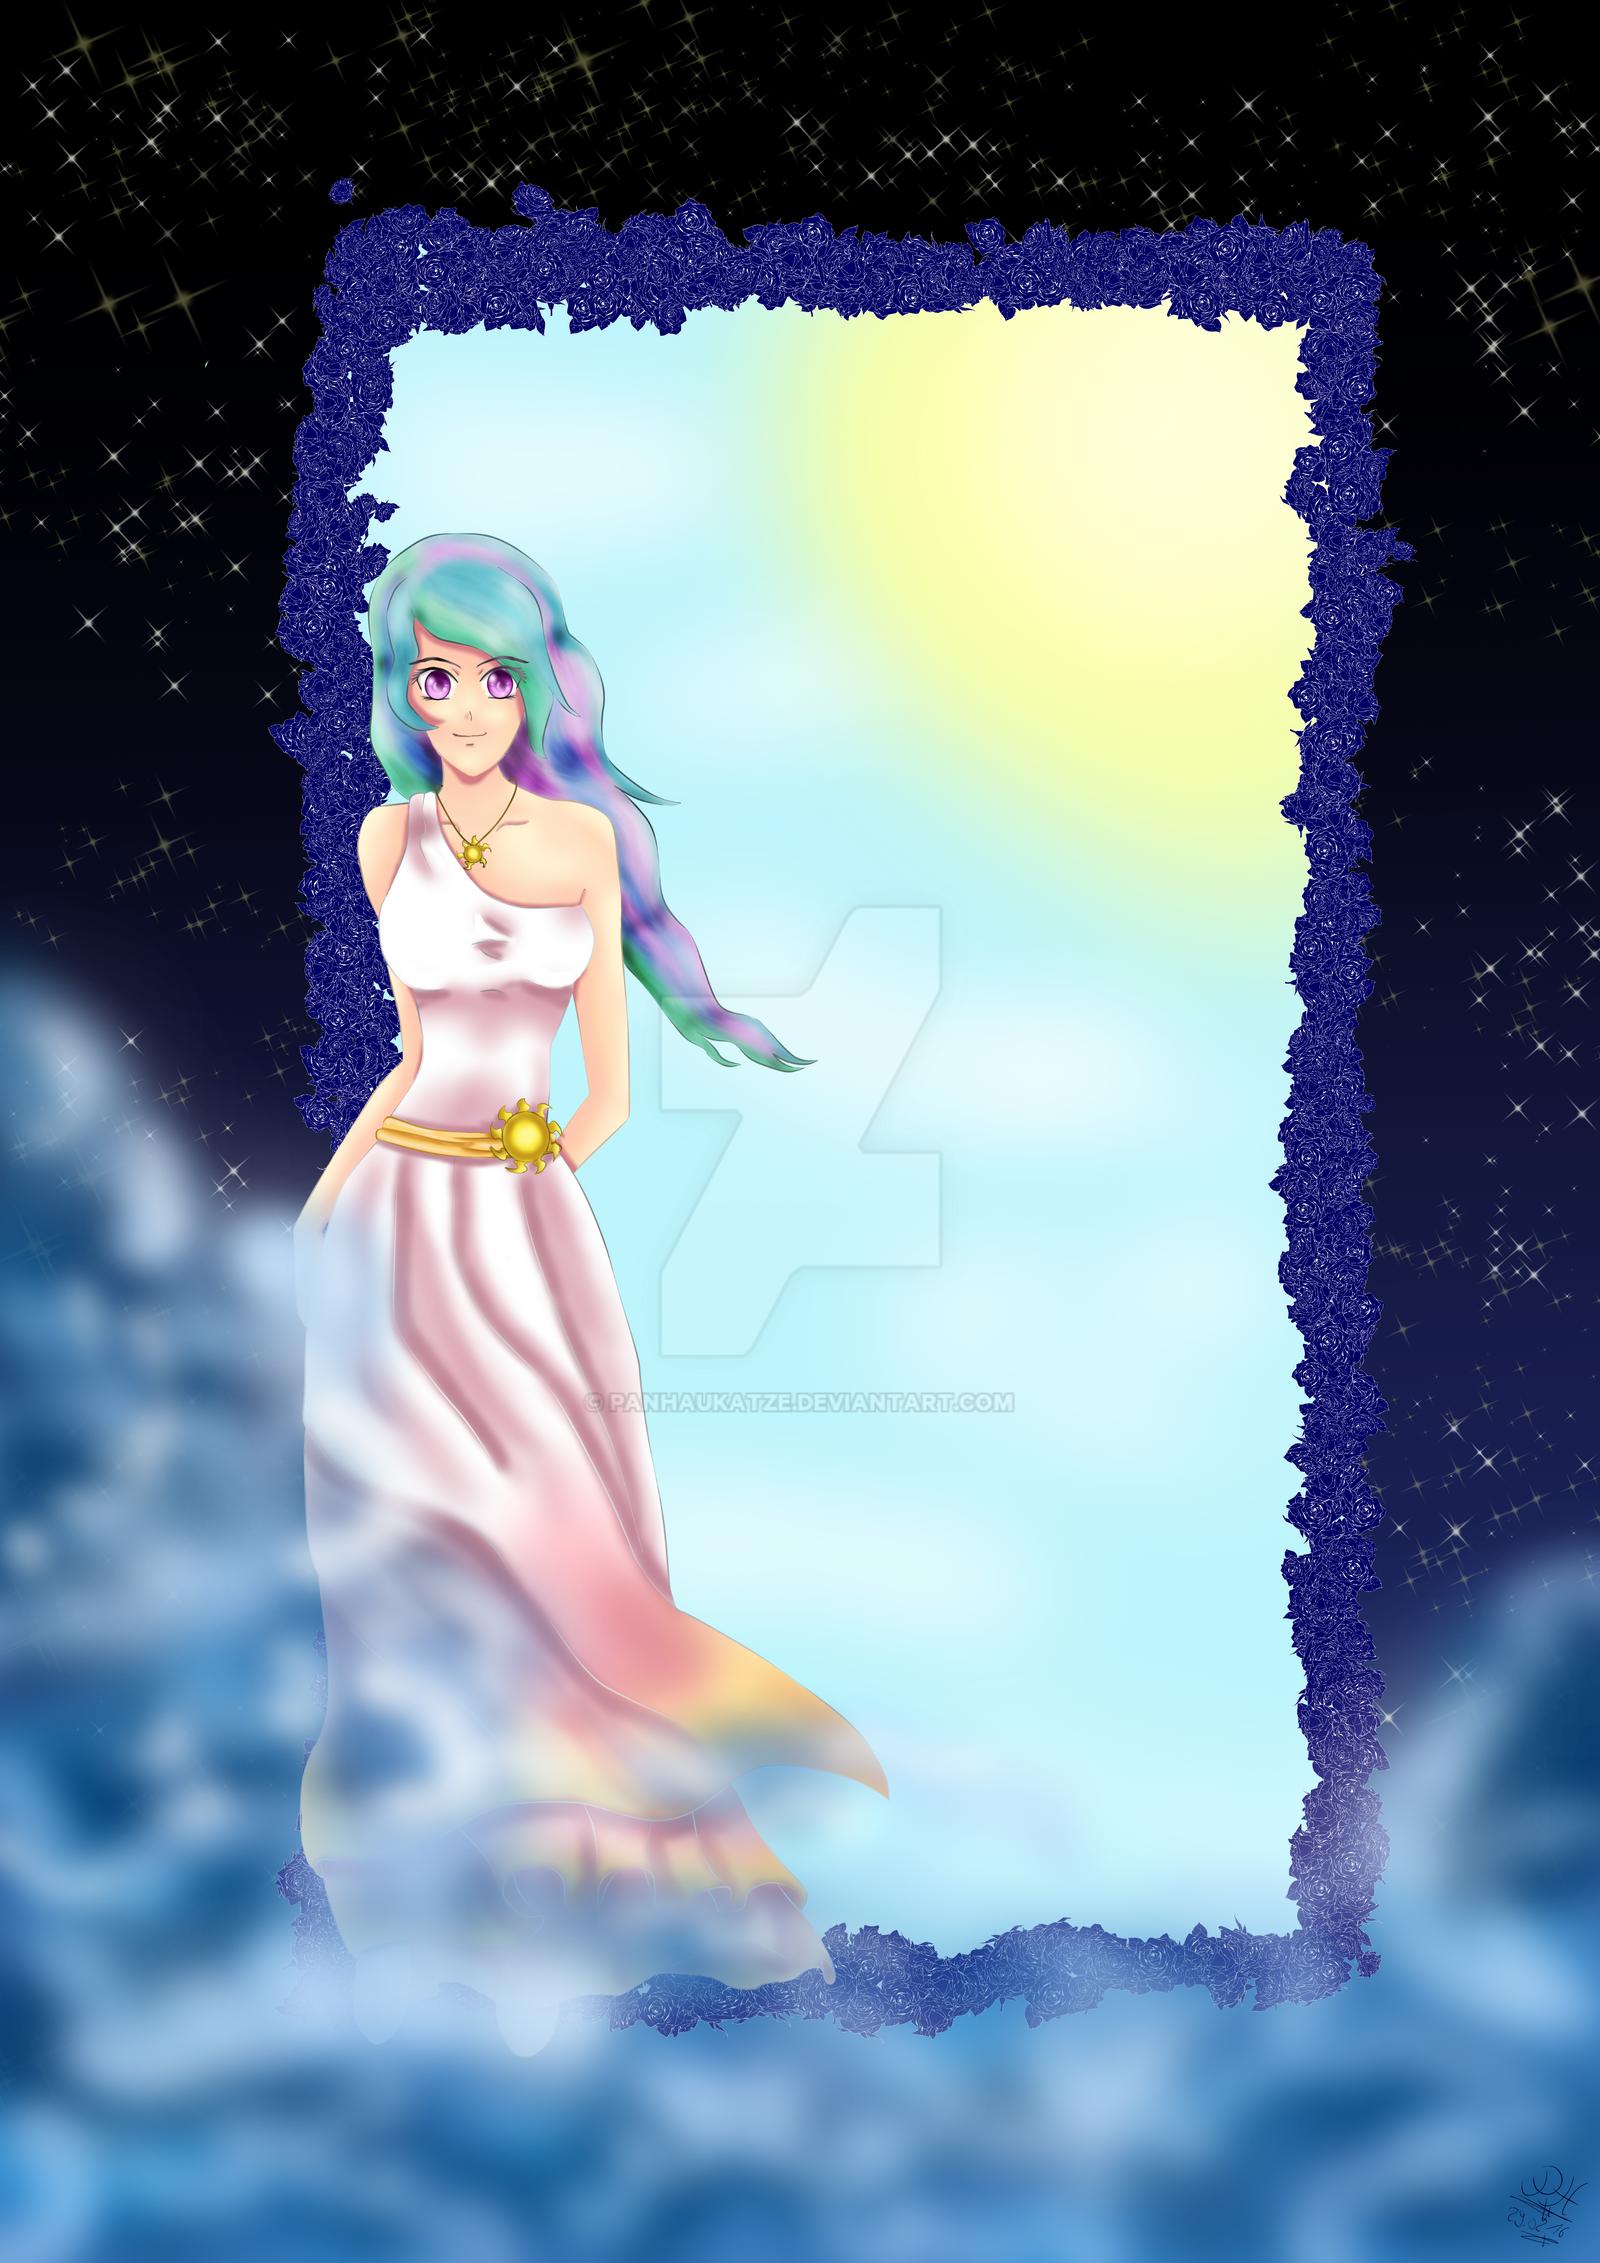 Himmlische Celestia by PanHaukatze